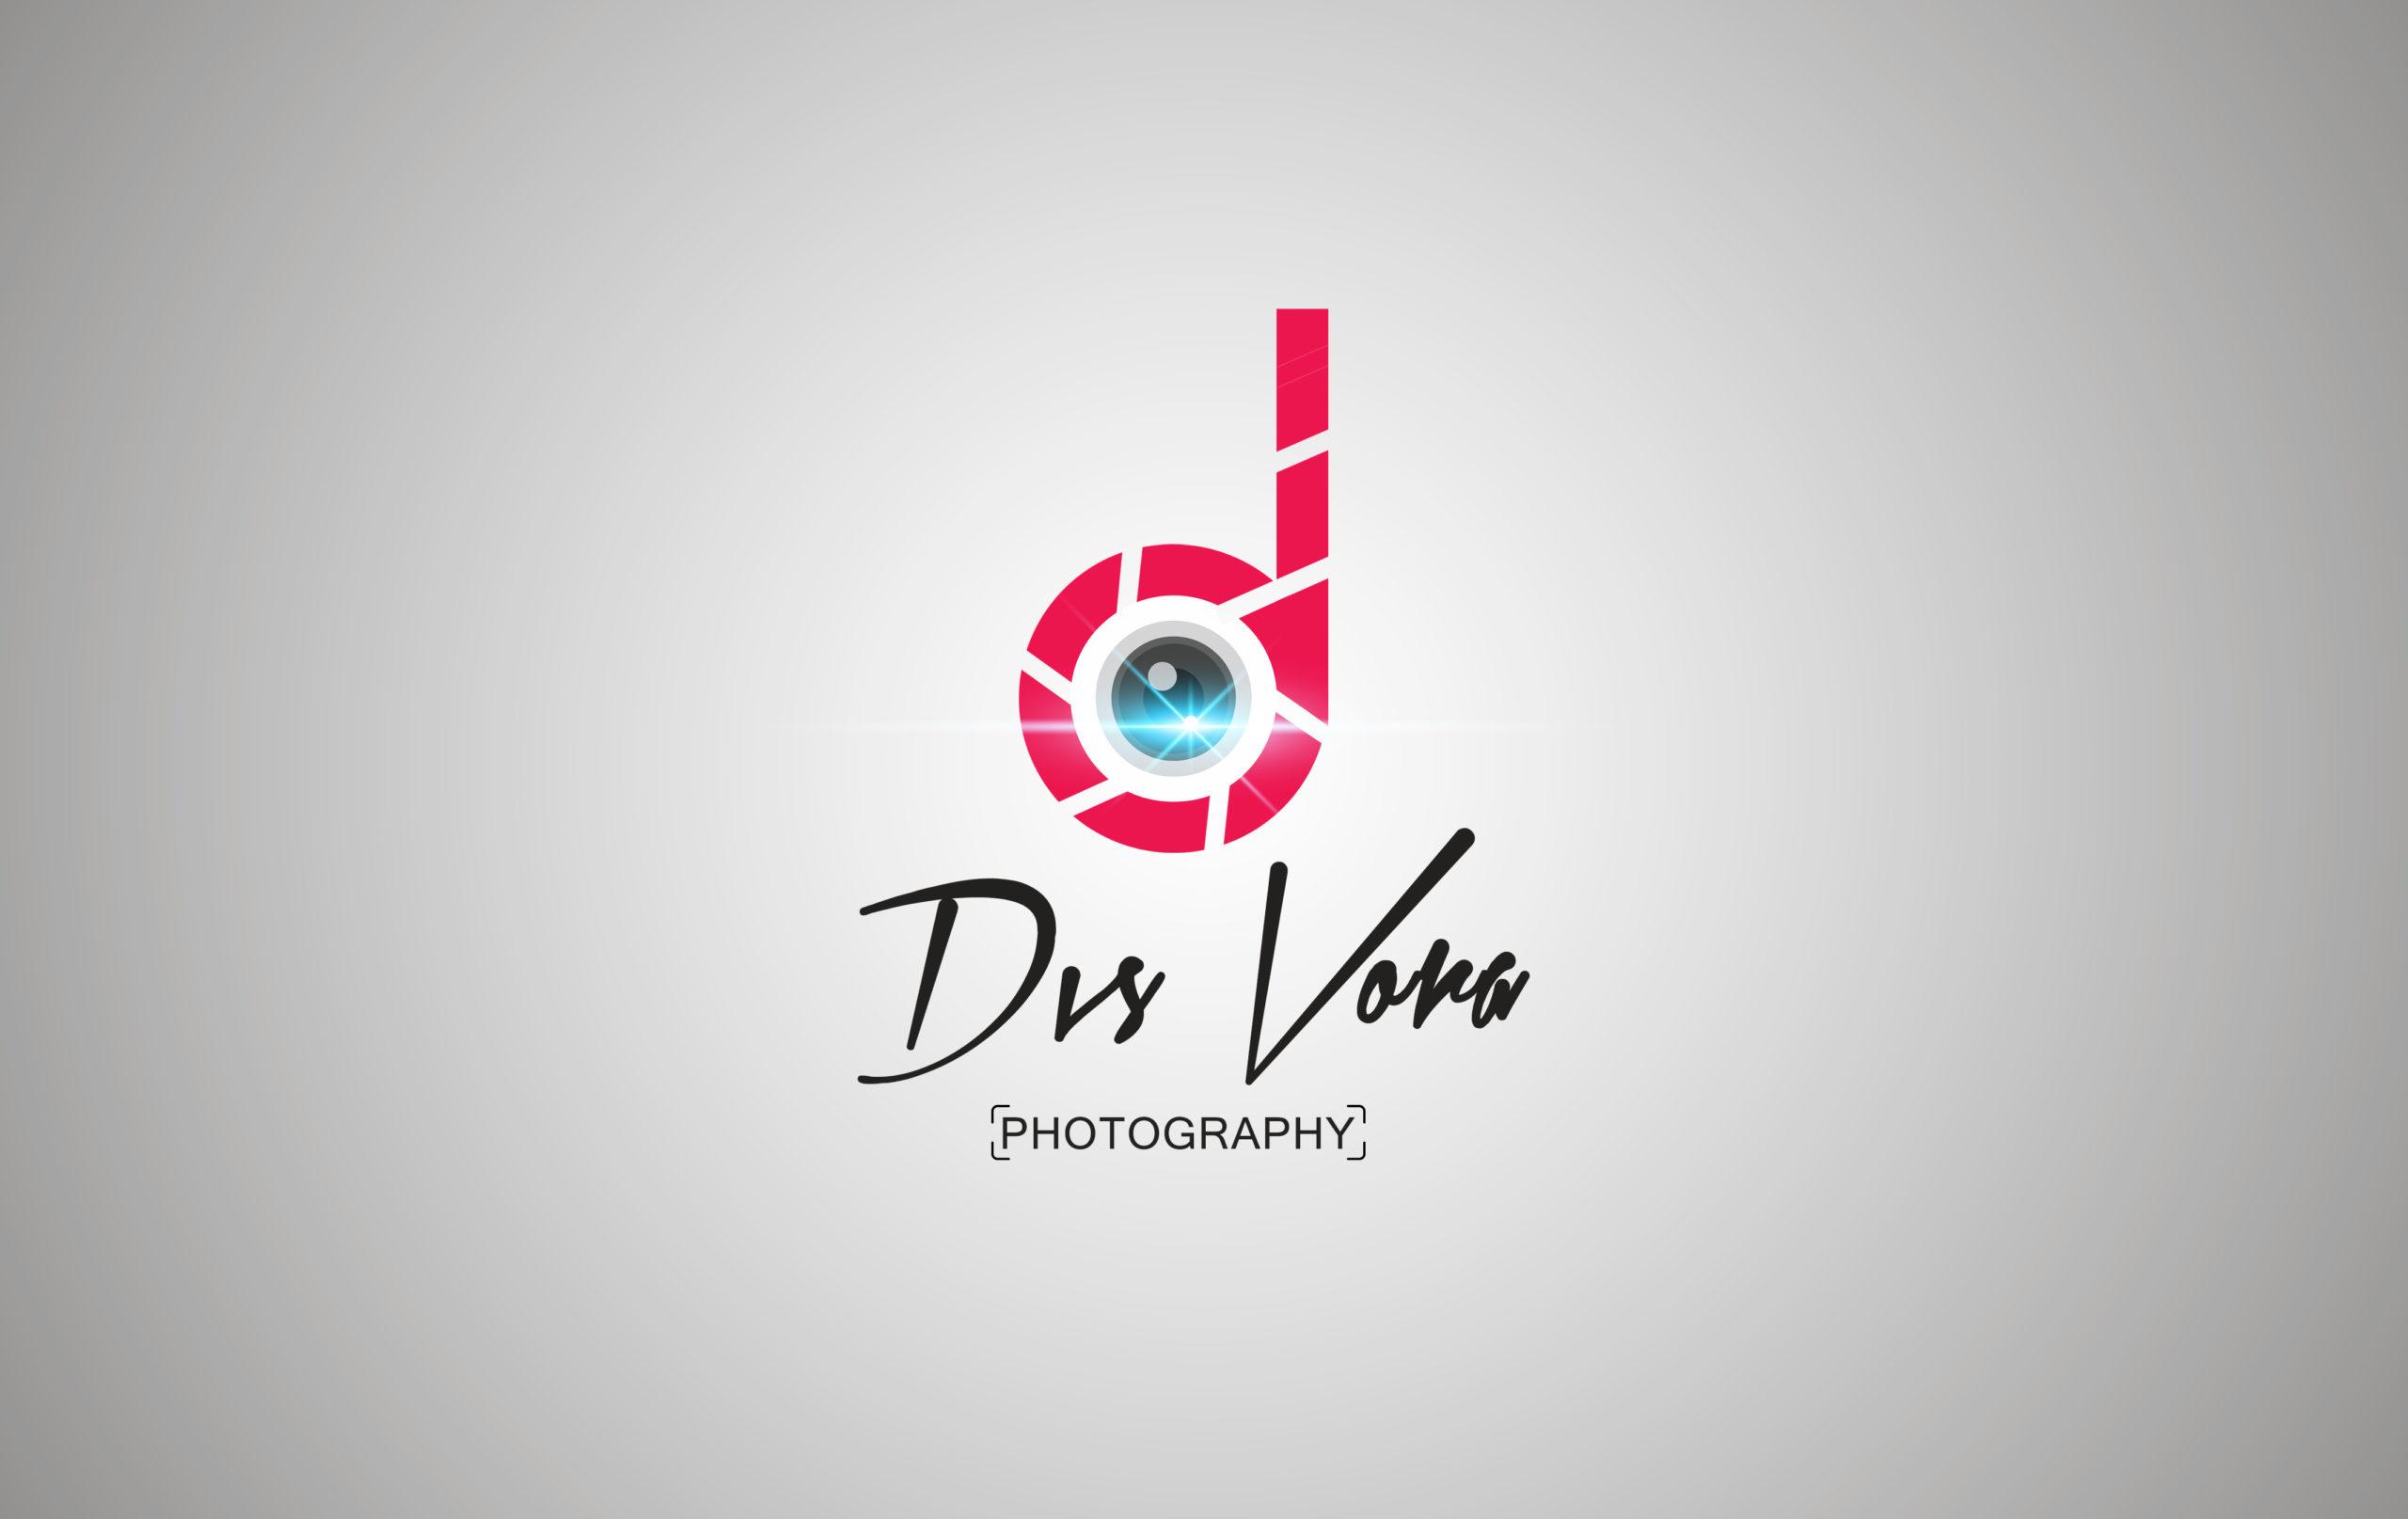 Dvs Vora photography logo design by Badri Design